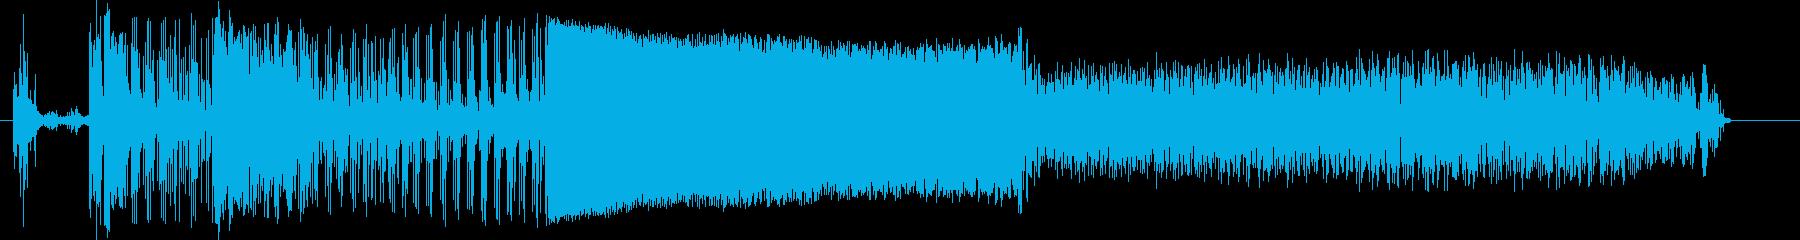 自動車;開始/アイドル/オフ。ポル...の再生済みの波形